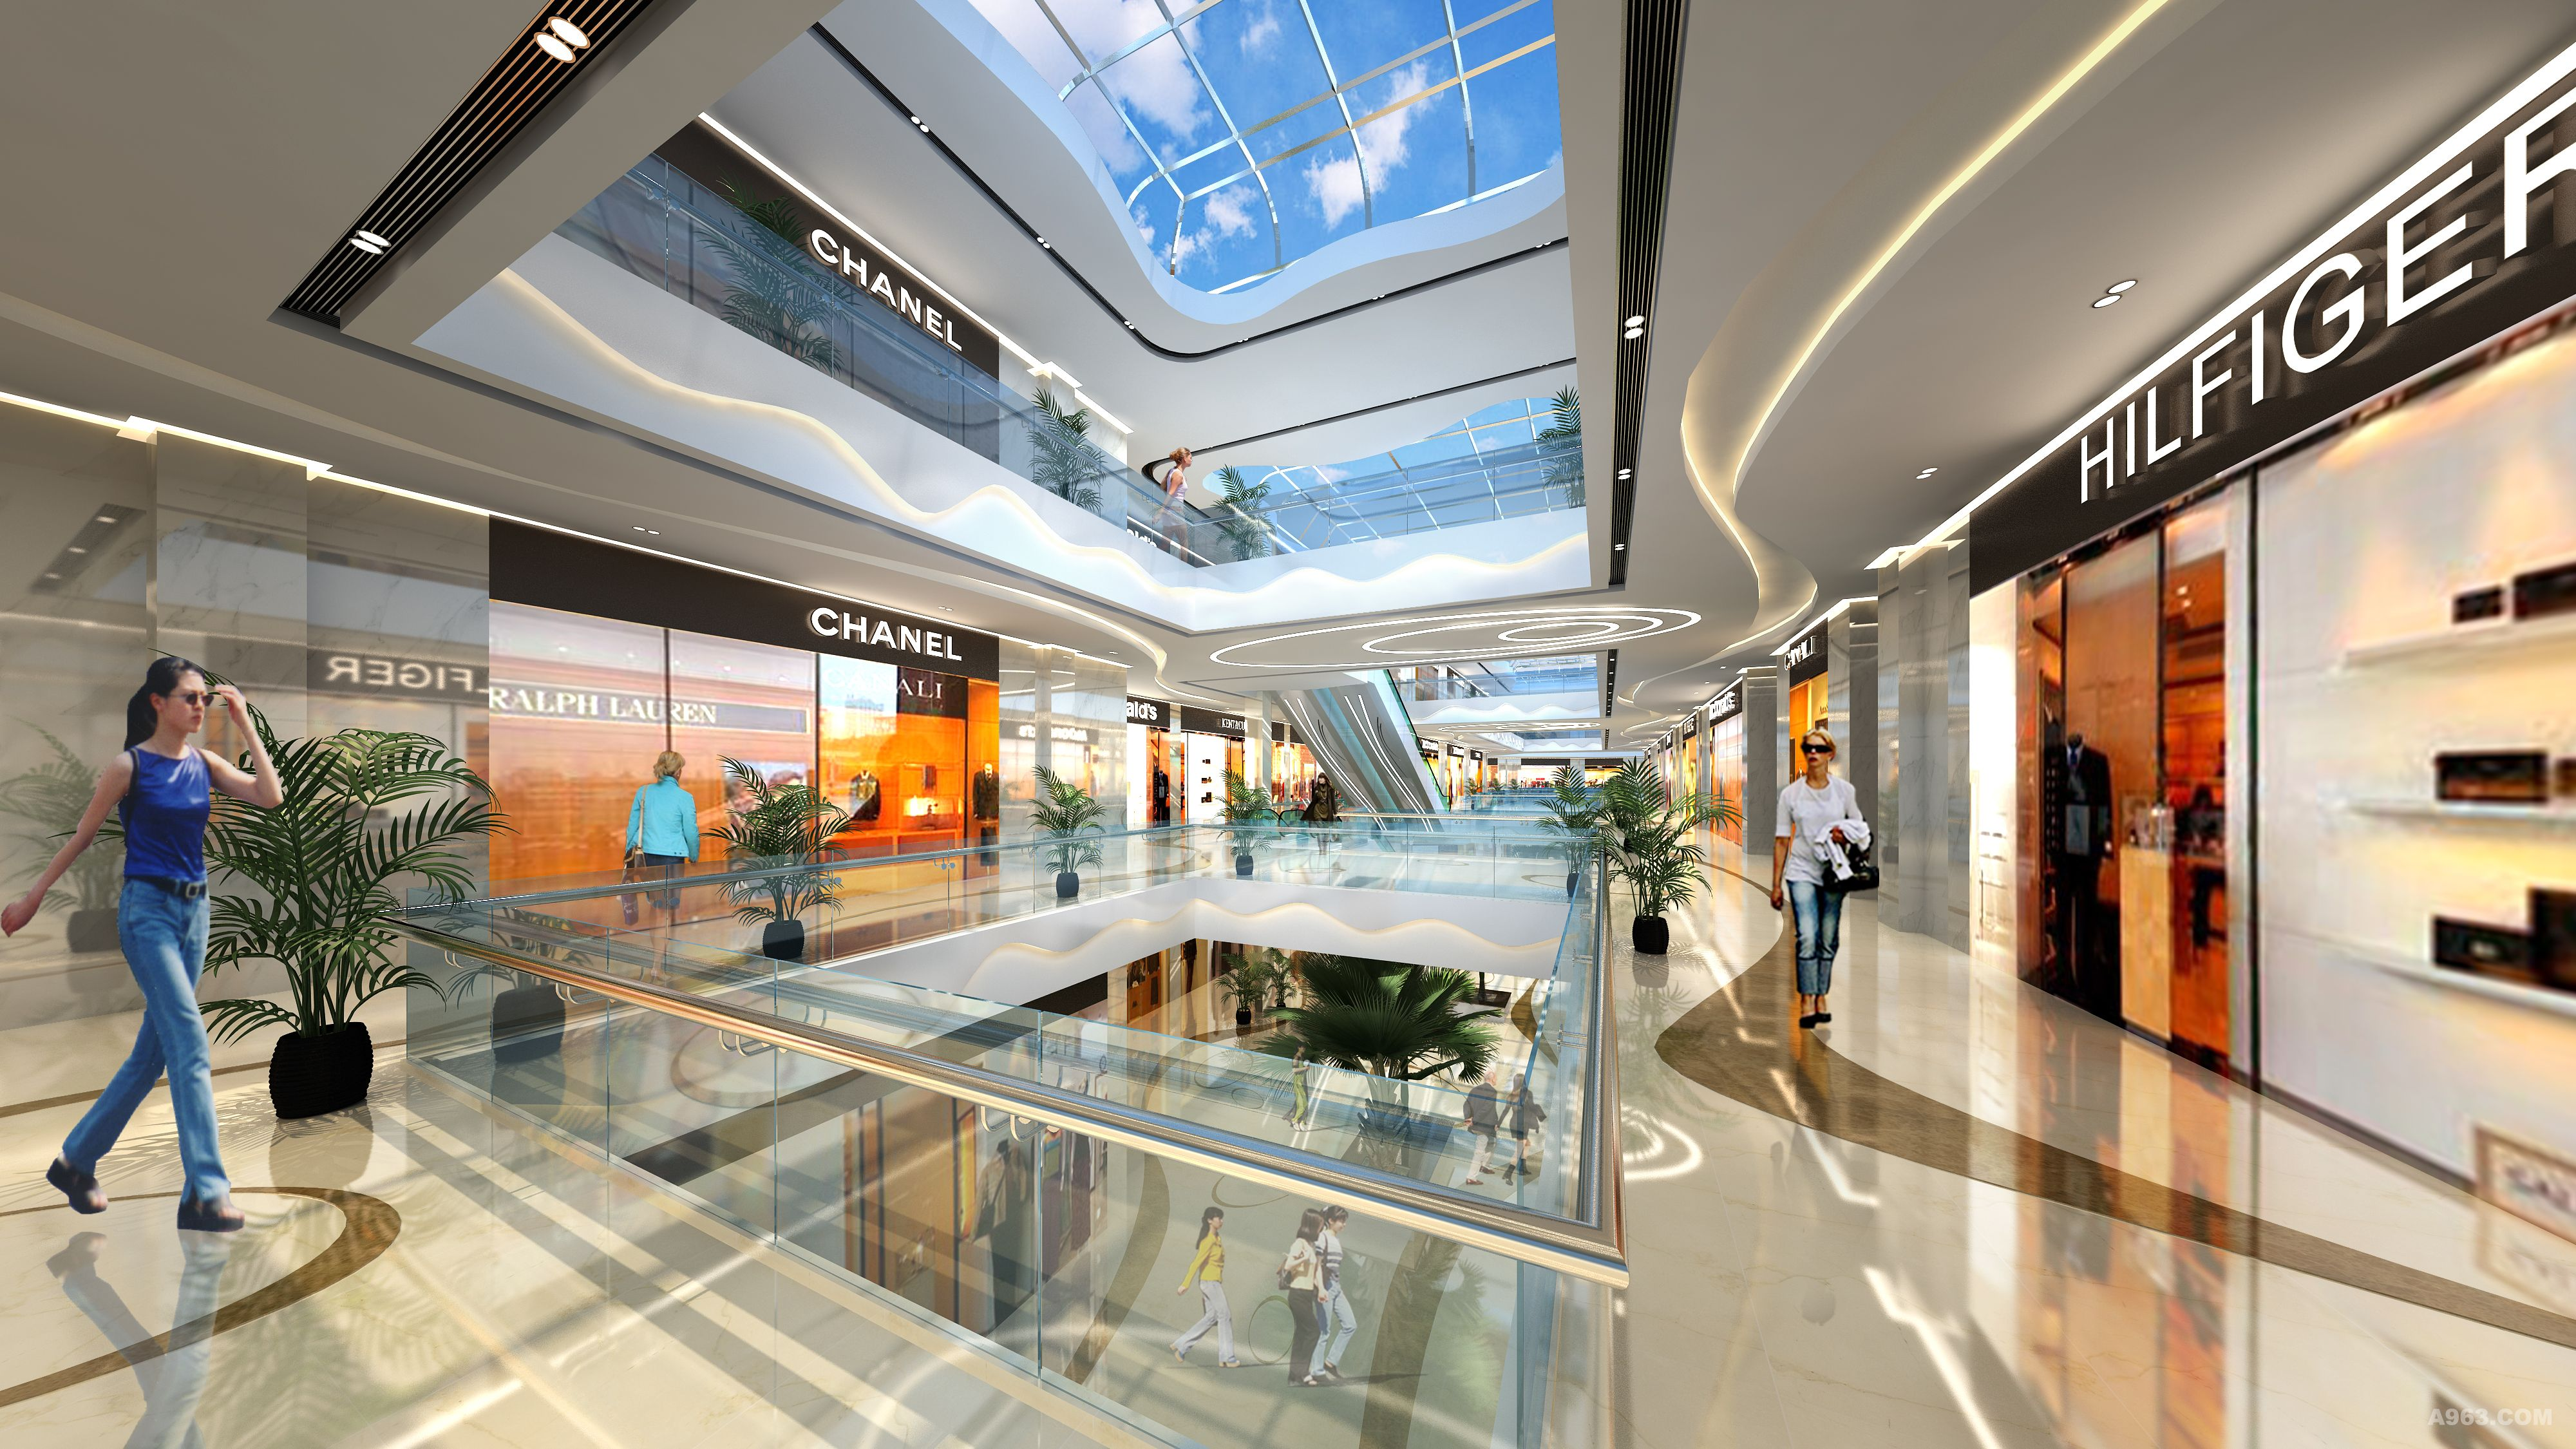 超前设计构思的商场装修效果图出自广东天霸设计之手-连廊